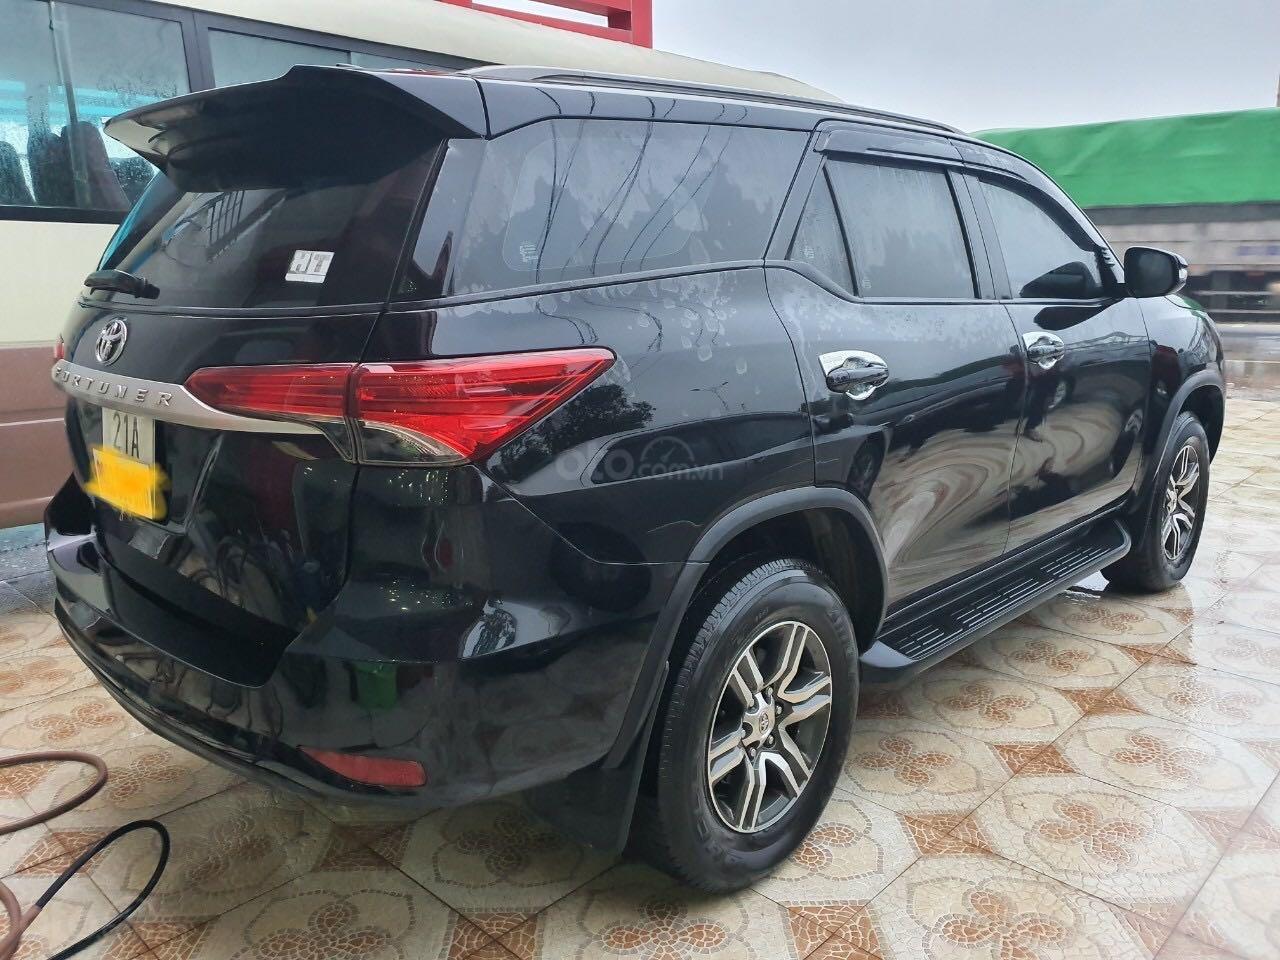 Cần bán gấp Toyota Fortuner 2.5 năm sản xuất 2017, màu đen, xe nhập số sàn, 860tr (4)